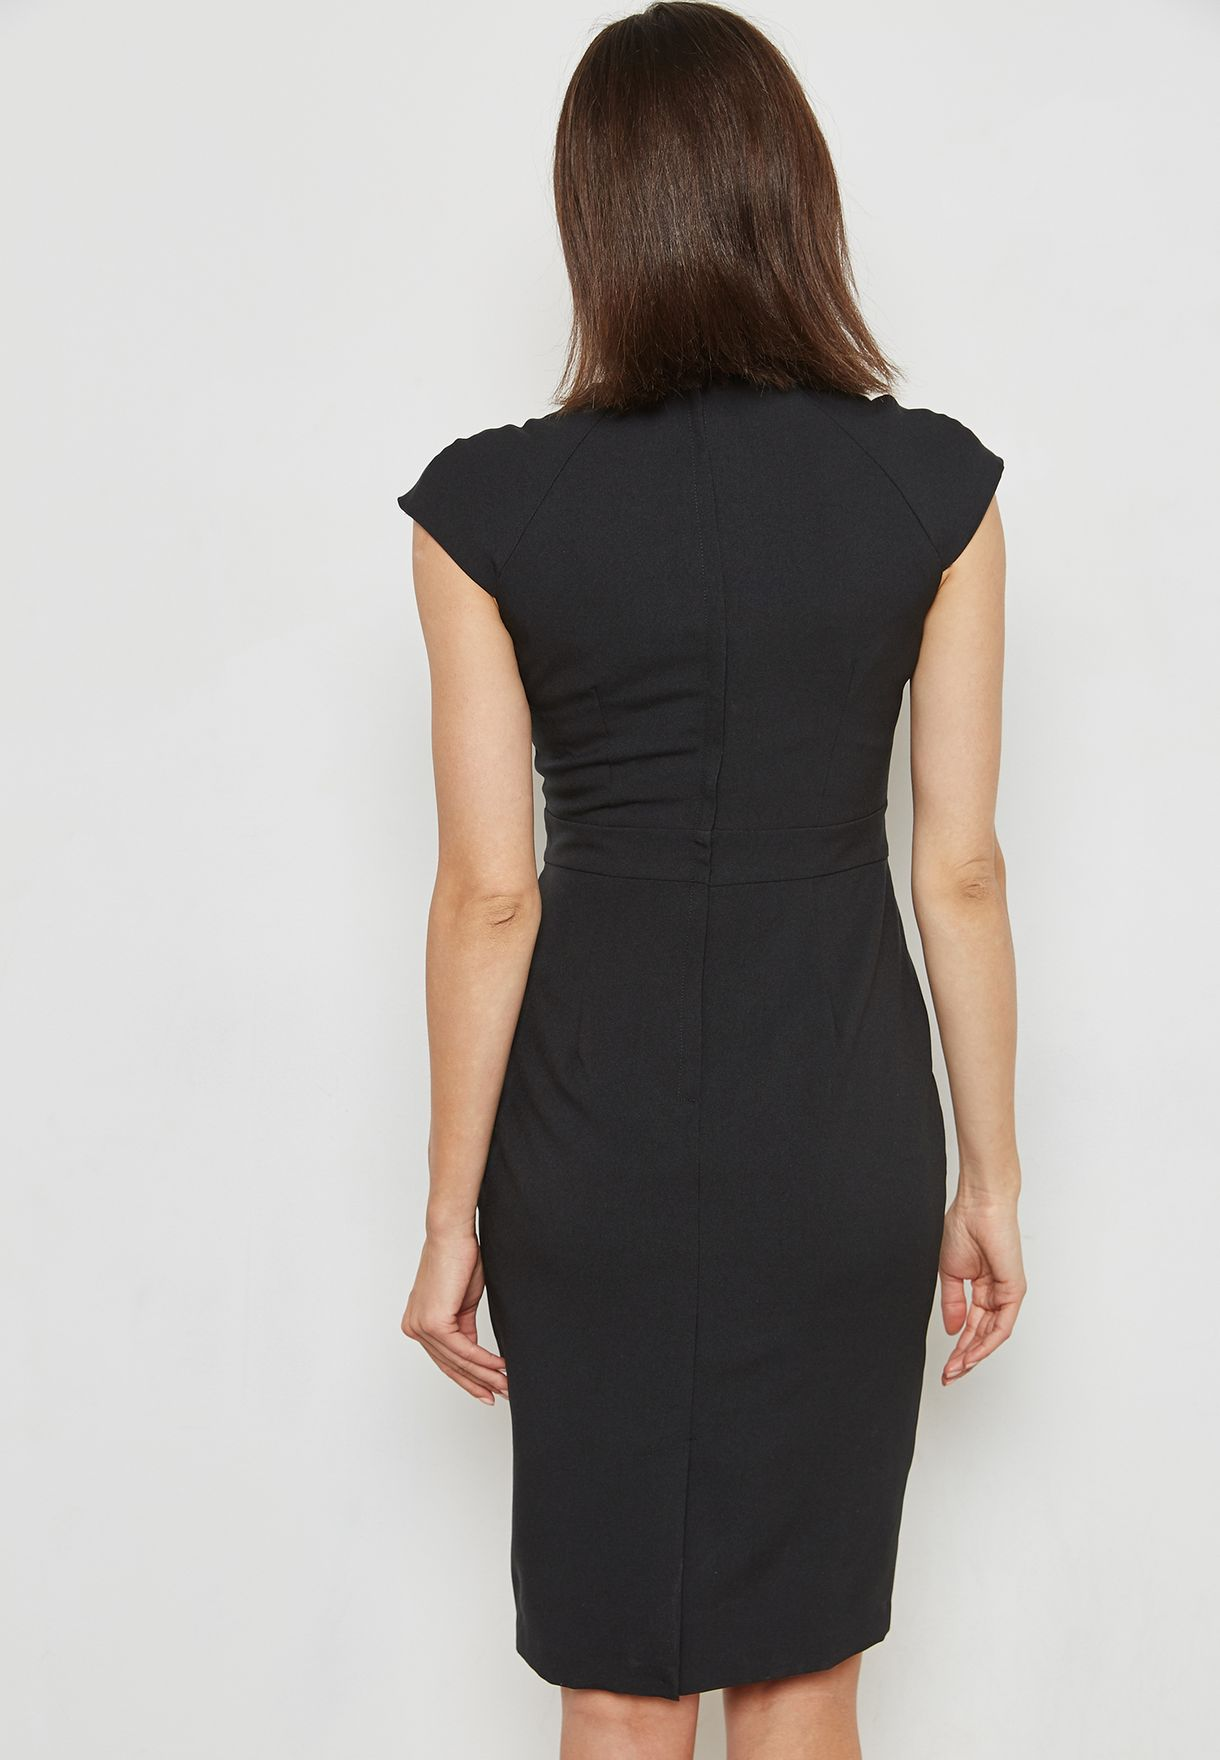 V-Neck Pencil Dress